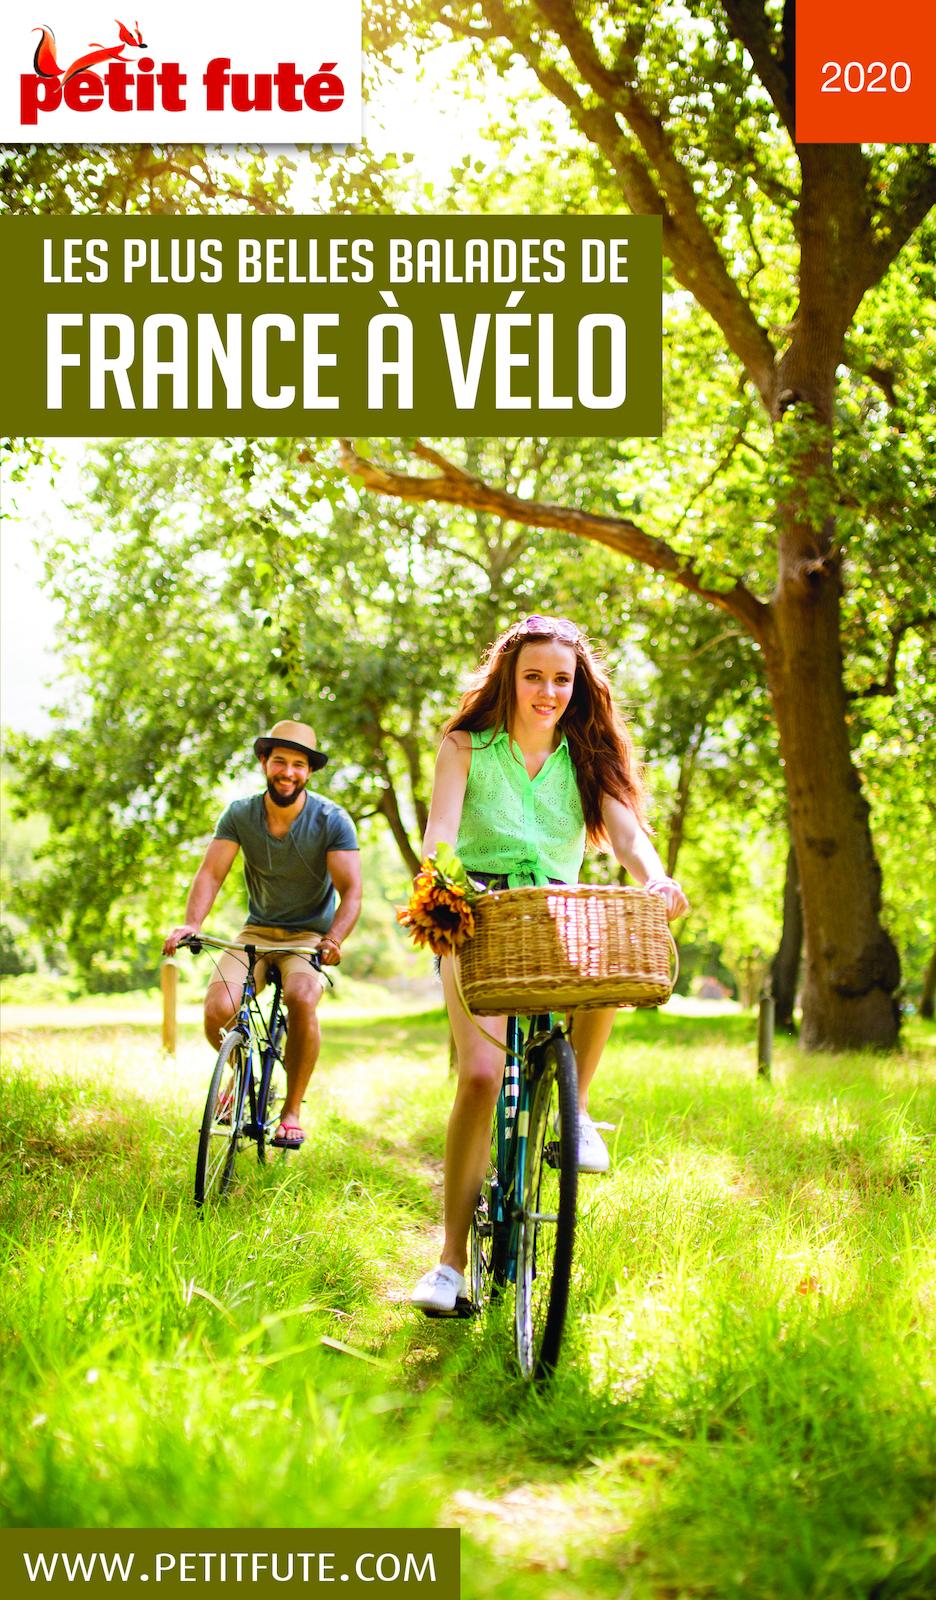 LES PLUS BELLES BALADES DE FRANCE À VÉLO 2020 Petit Futé   Auzias, Dominique. Auteur